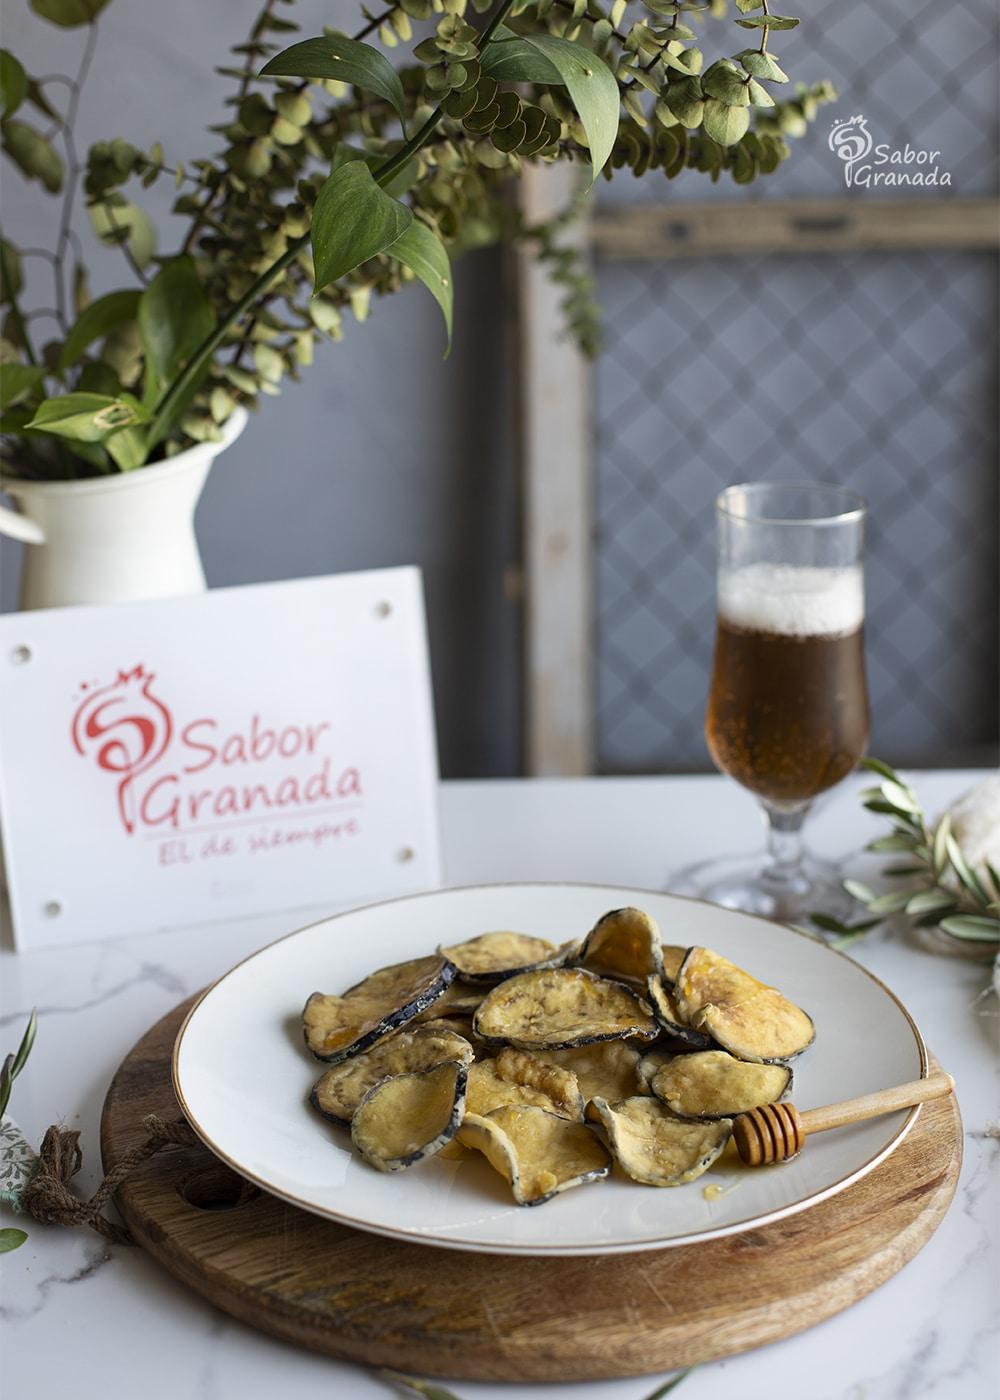 Berenjenas con miel - Sabor Granada